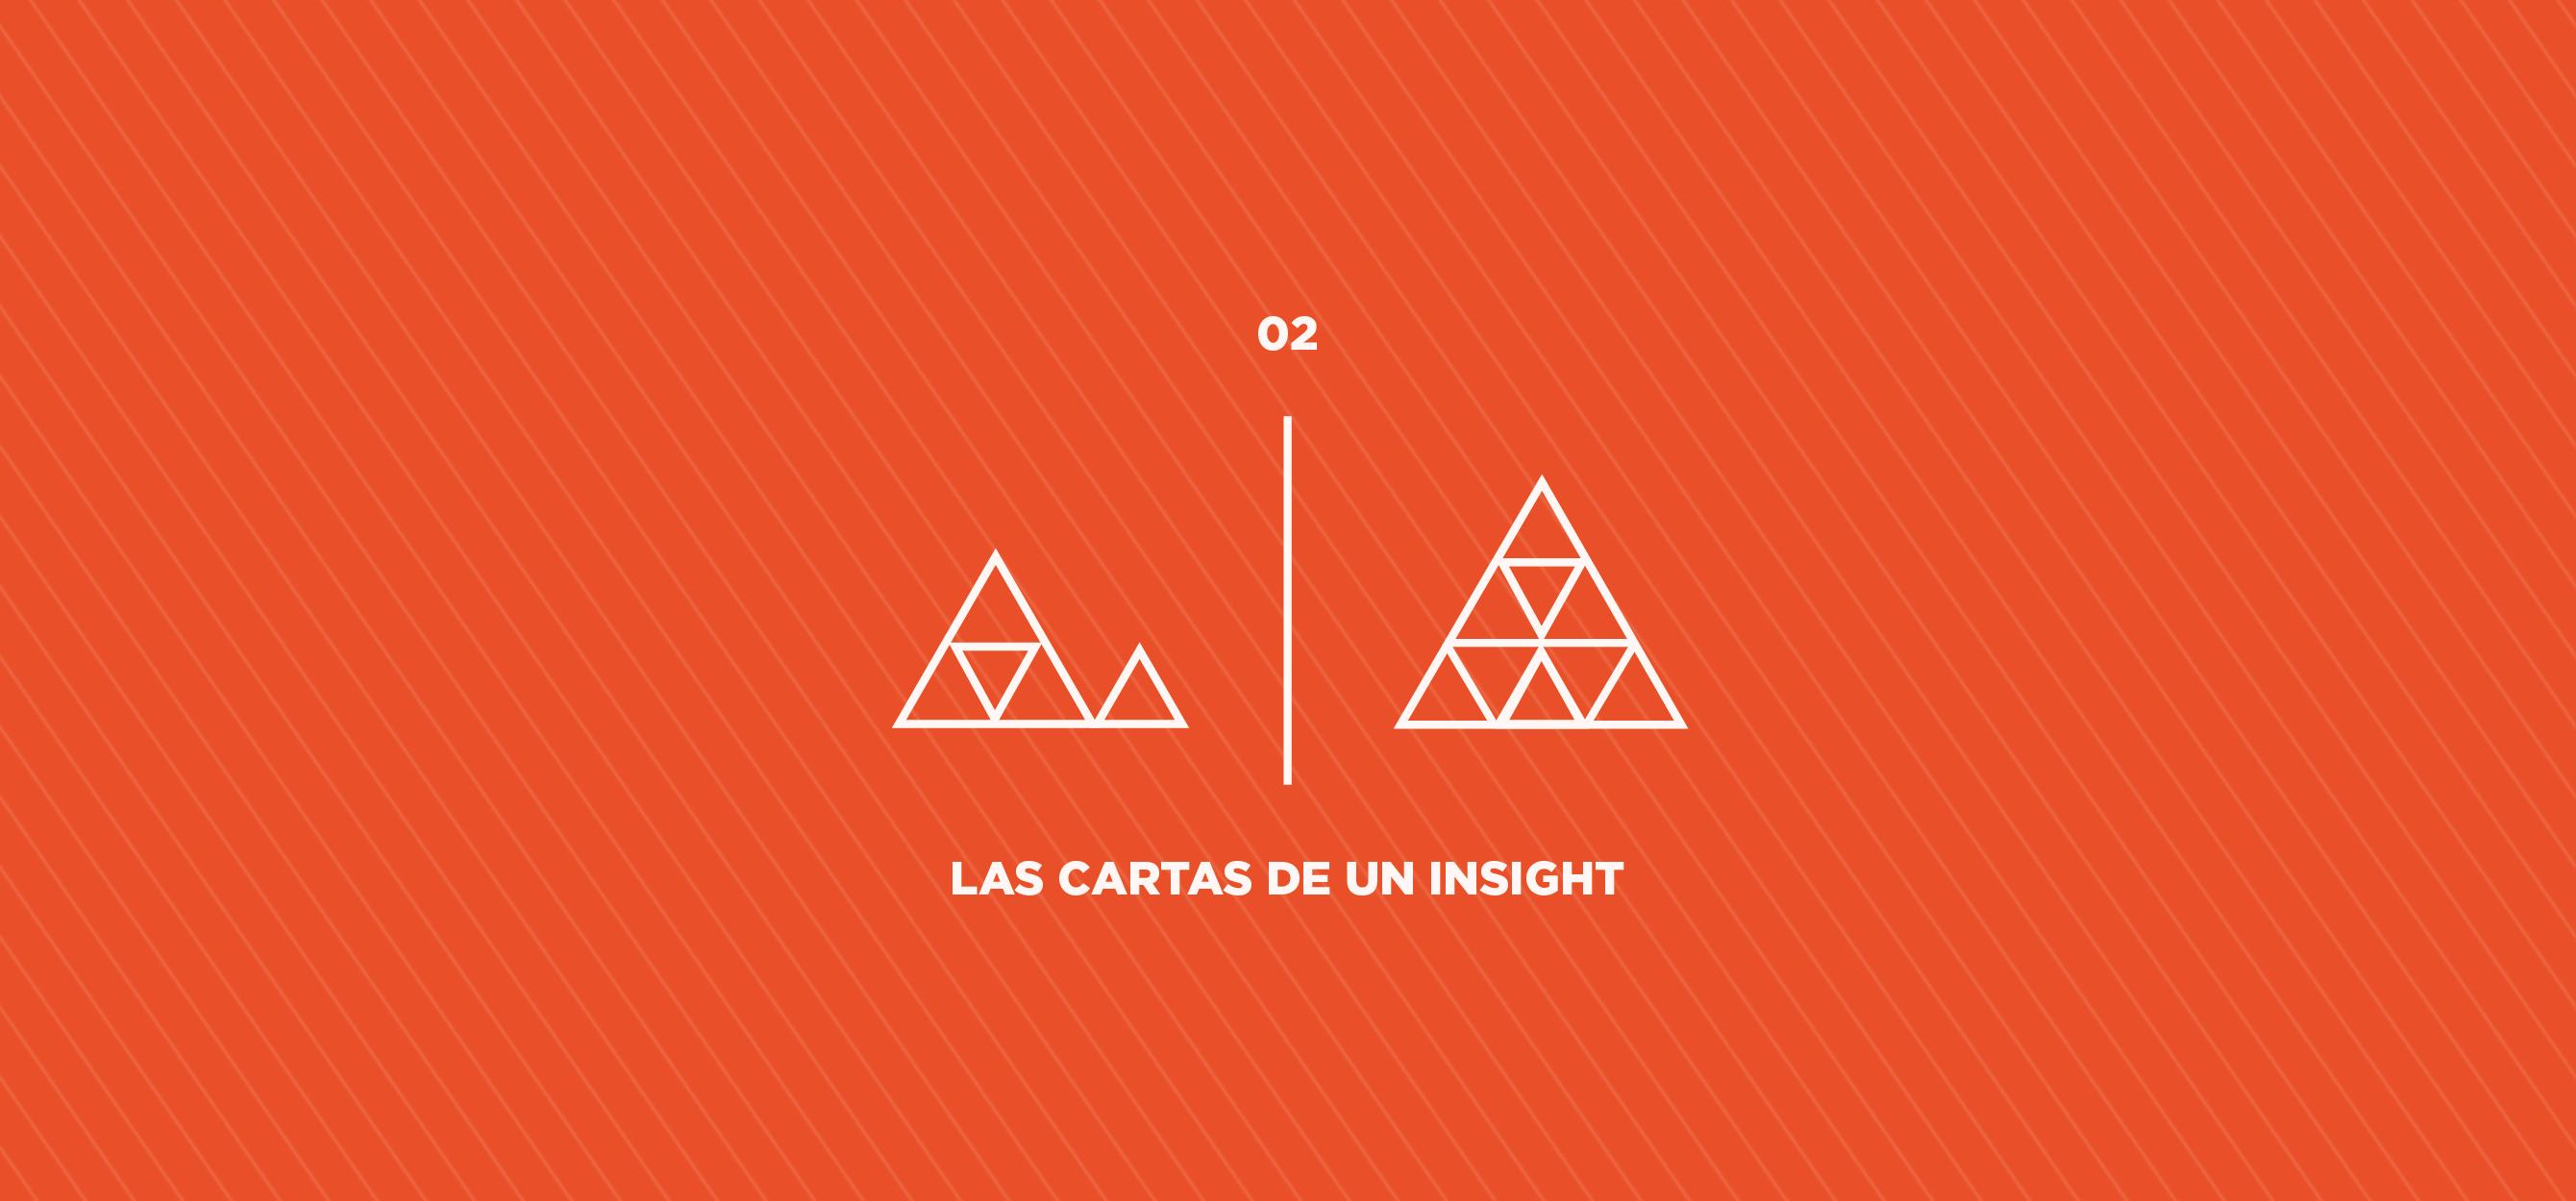 LAS CARTAS DE UN INSIGHT